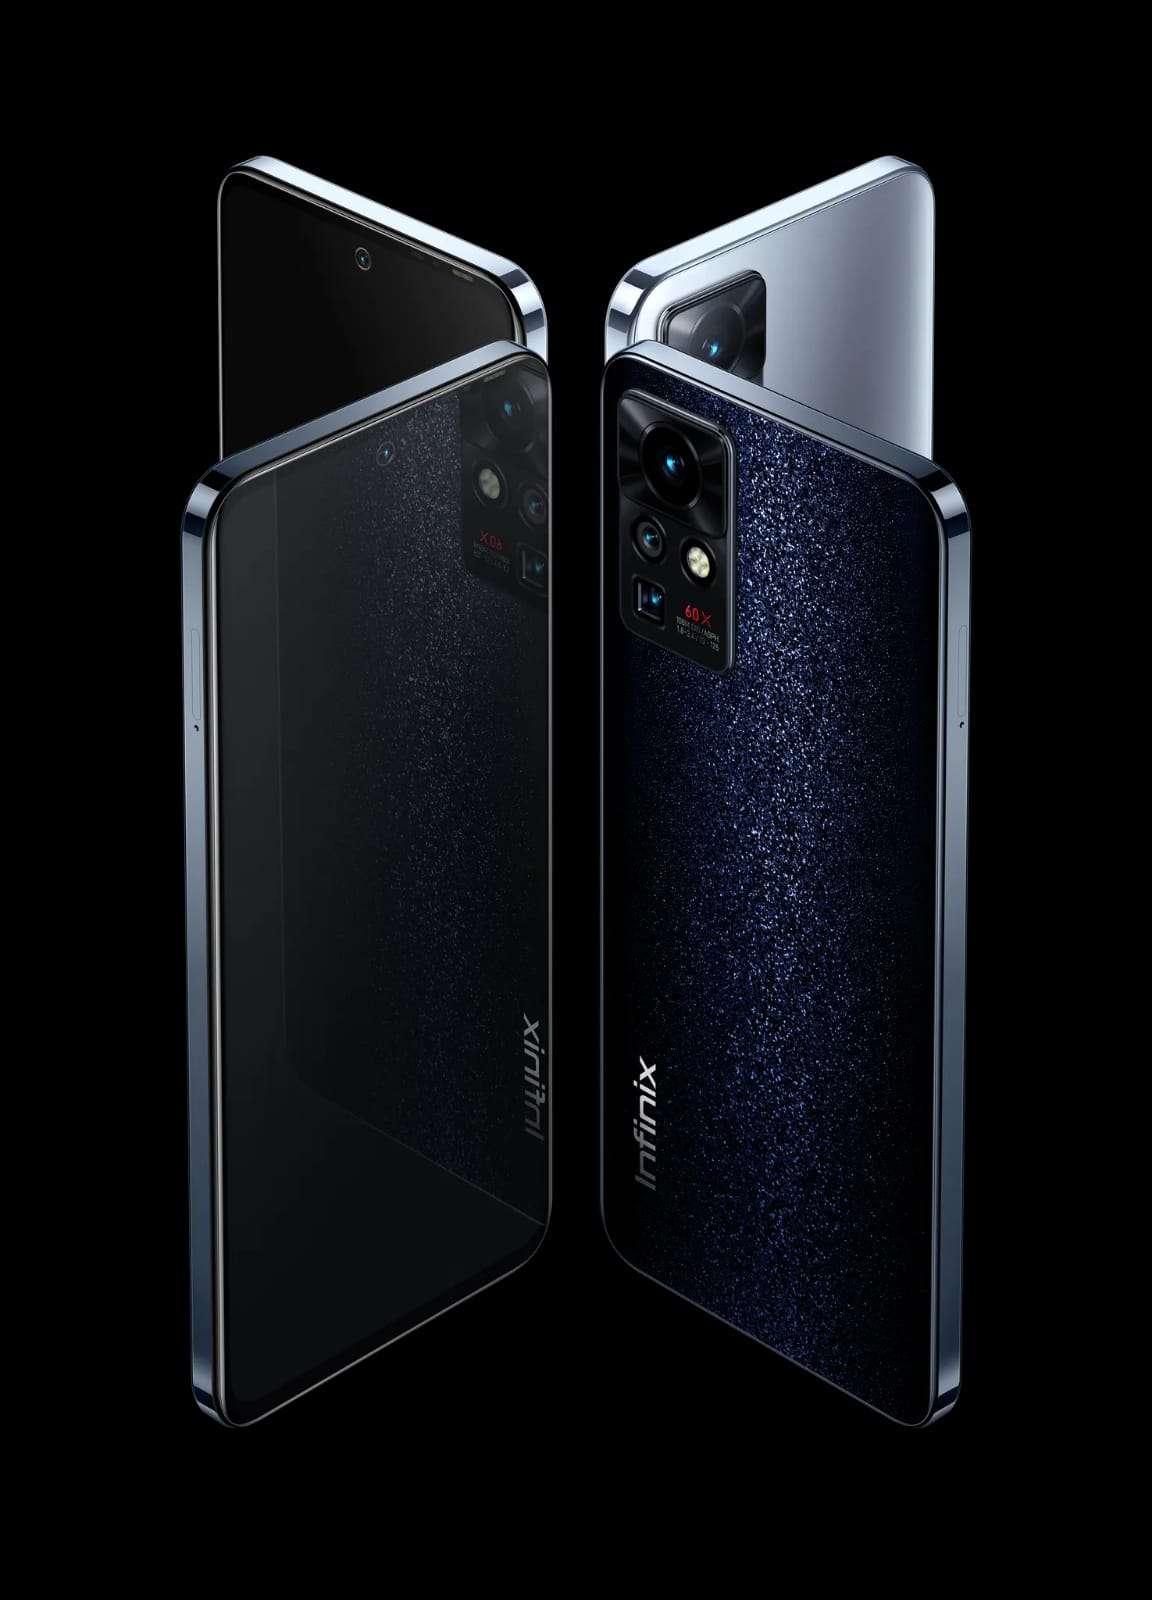 بعد طول انتظار.. إنفينكس تطلق هاتفها الجديد ZERO X Pro